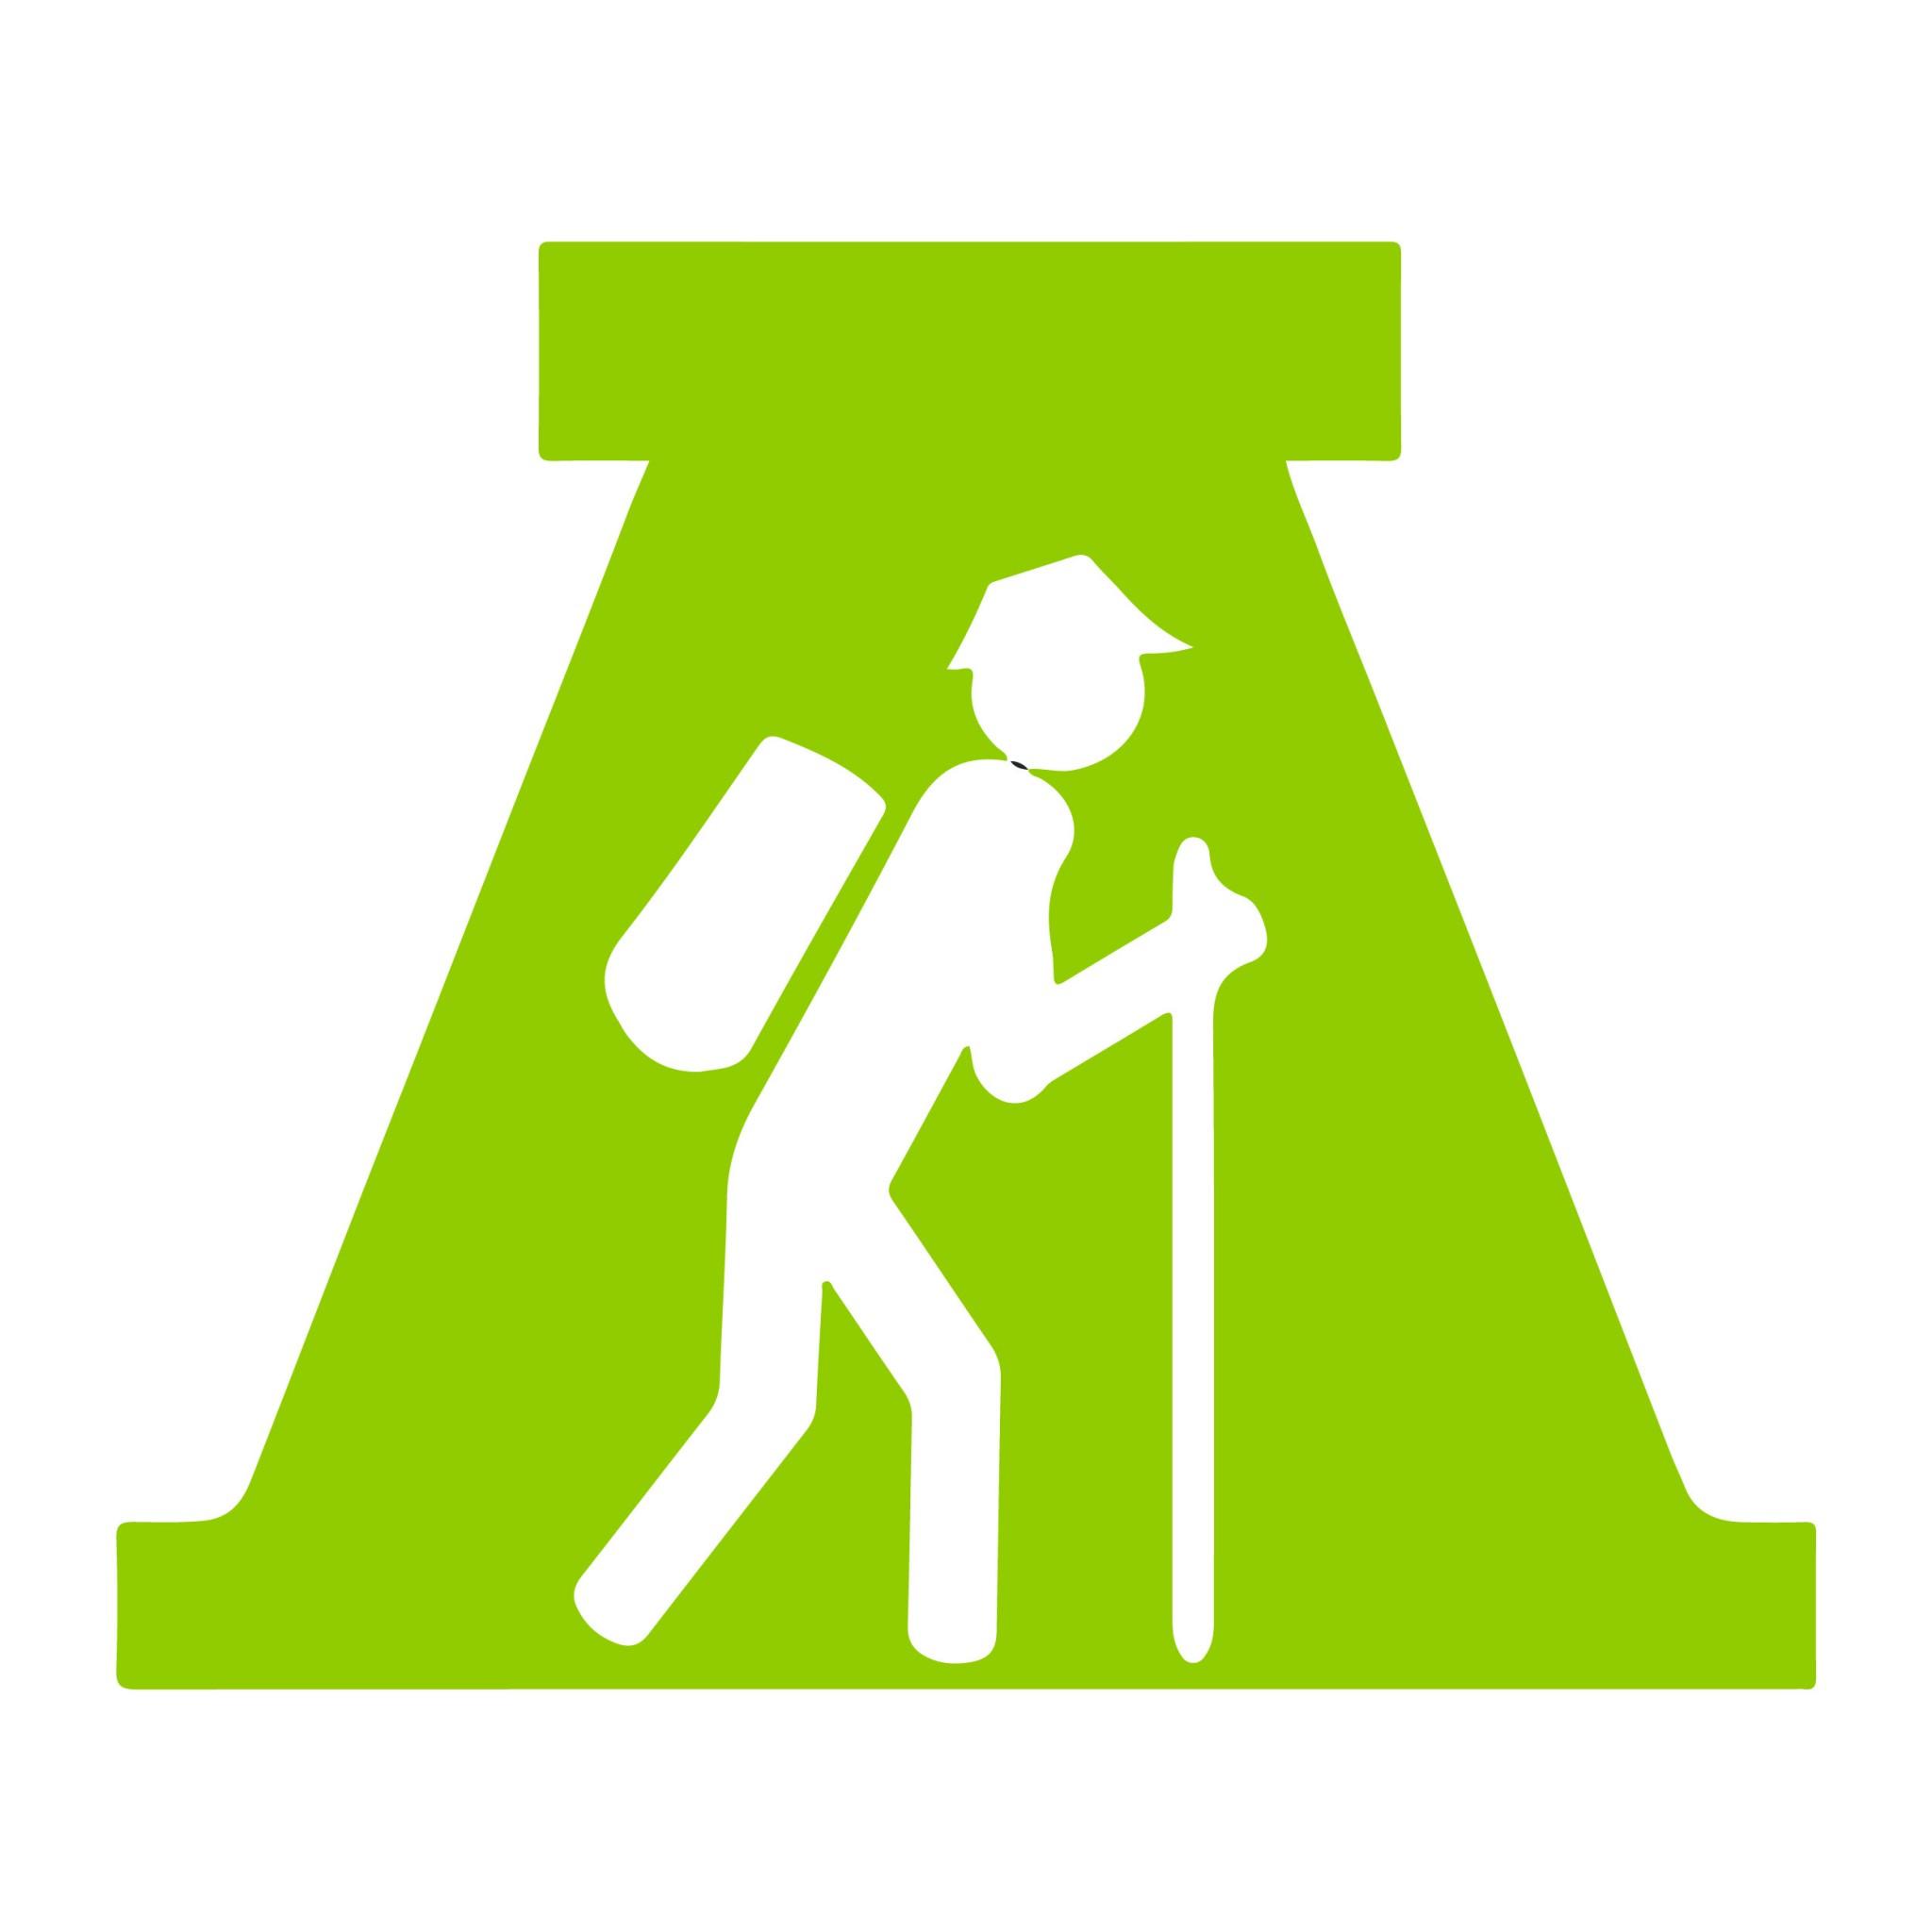 logos44